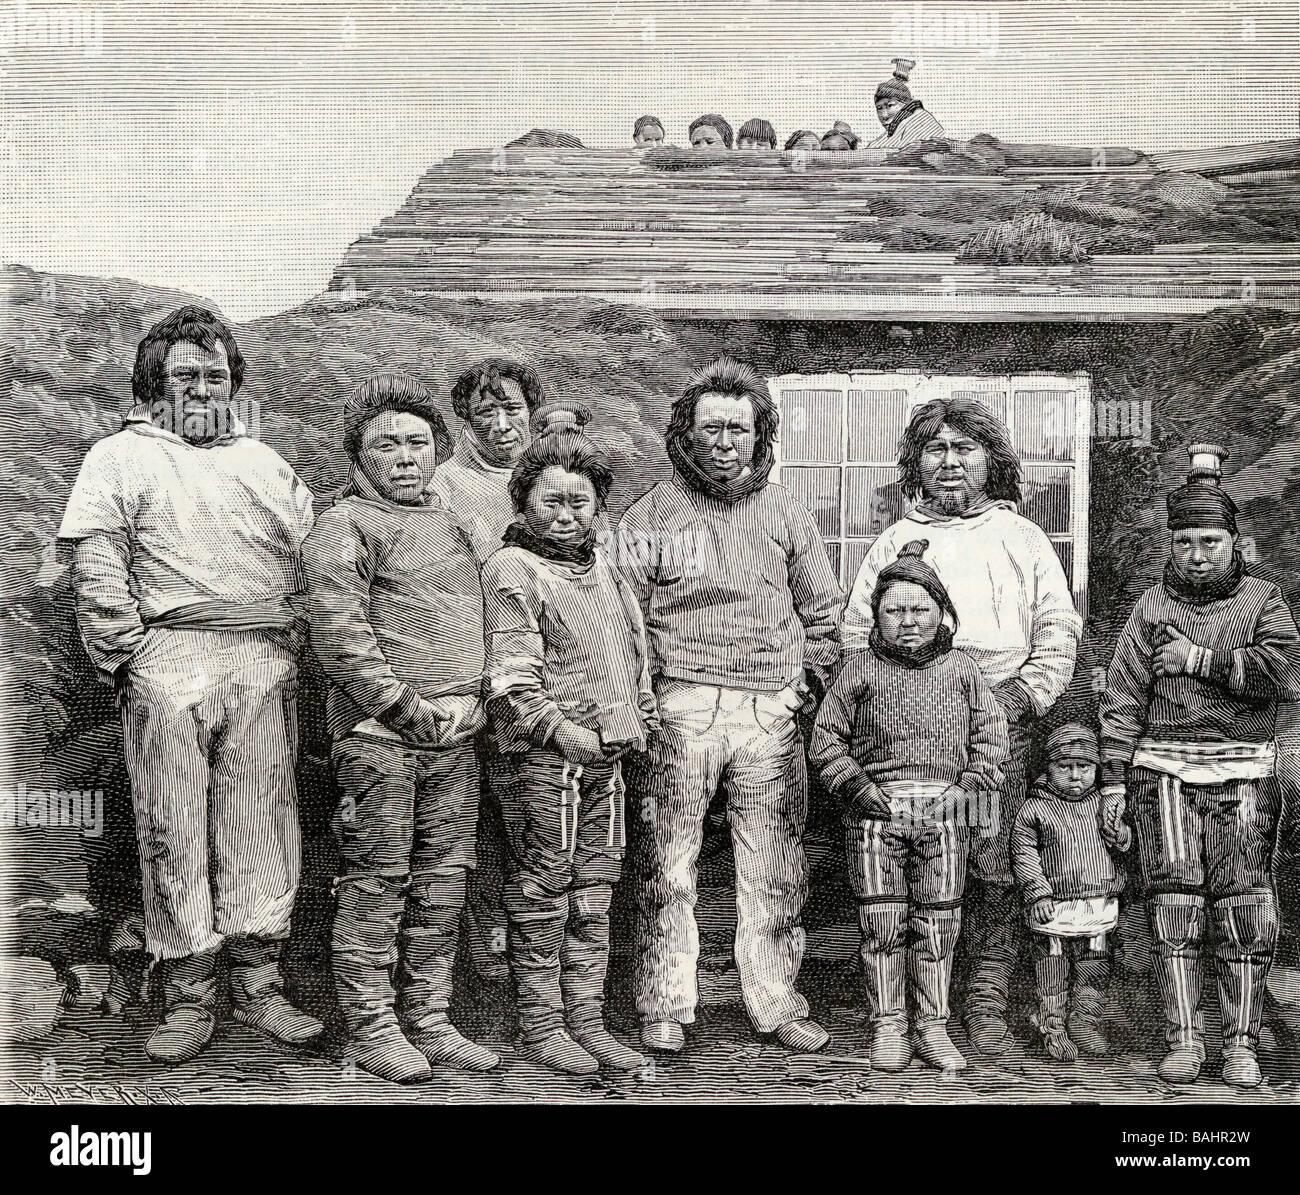 Ein Eskimo Familie graviert aus einer Fotografie des 19. Jahrhunderts aus dem Buch The English Illustrated Magazine Stockbild